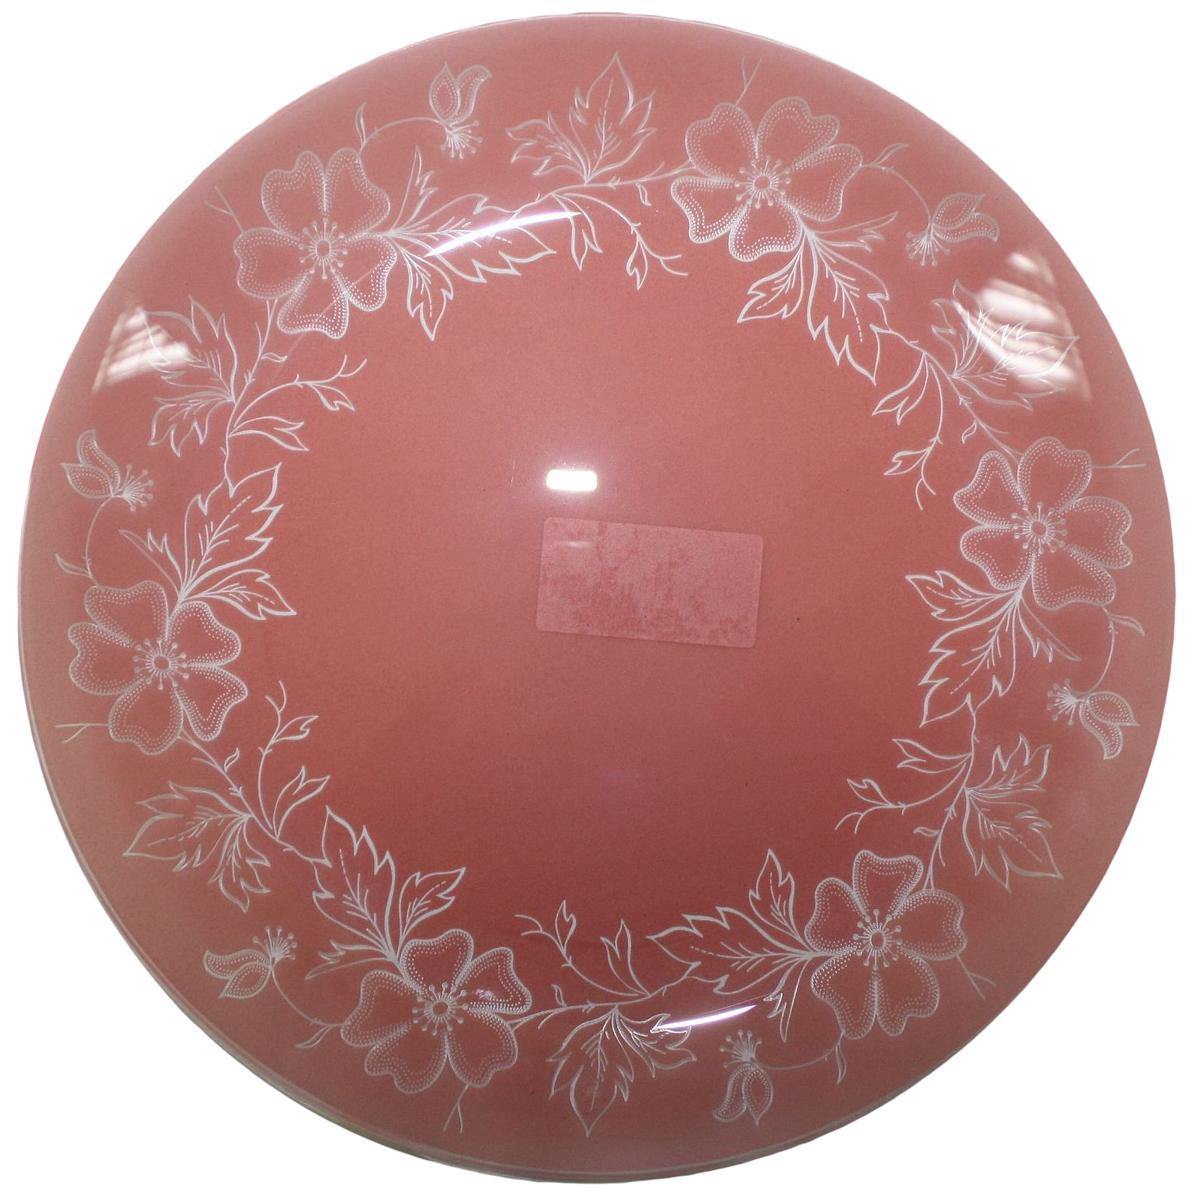 Тарелка NiNaGlass Лара, цвет: красный, диаметр 30 см85-300-075пкТарелка NiNaGlass Лара выполнена из высококачественного стекла и оформлена красивым цветочным узором. Тарелка идеальна для подачи вторых блюд, а также сервировки закусок, нарезок, салатов, овощей и фруктов. Она отлично подойдет как для повседневных, так и для торжественных случаев. Такая тарелка прекрасно впишется в интерьер вашей кухни и станет достойным дополнением к кухонному инвентарю.